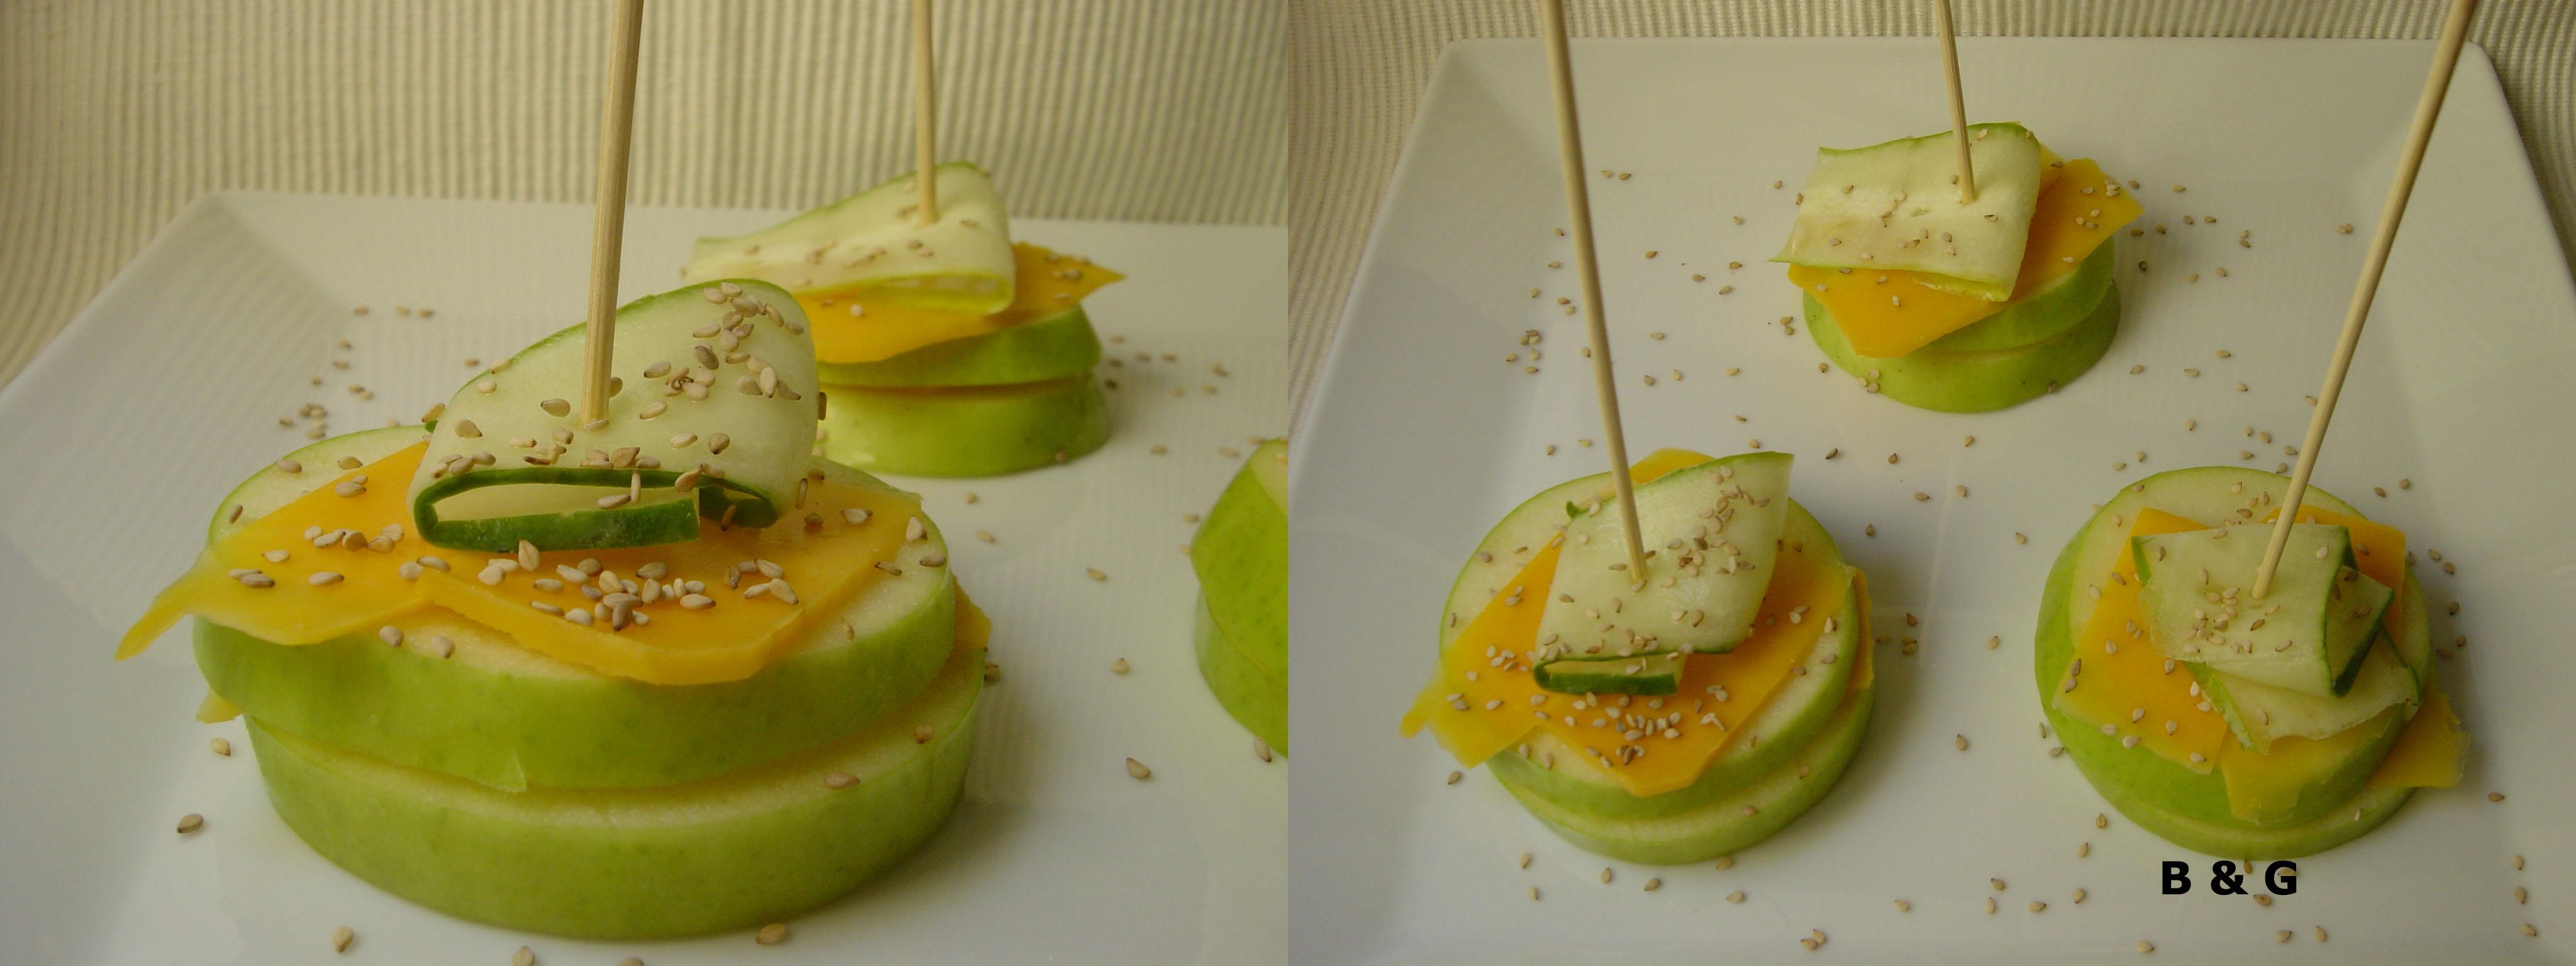 bocaditos manzana 2